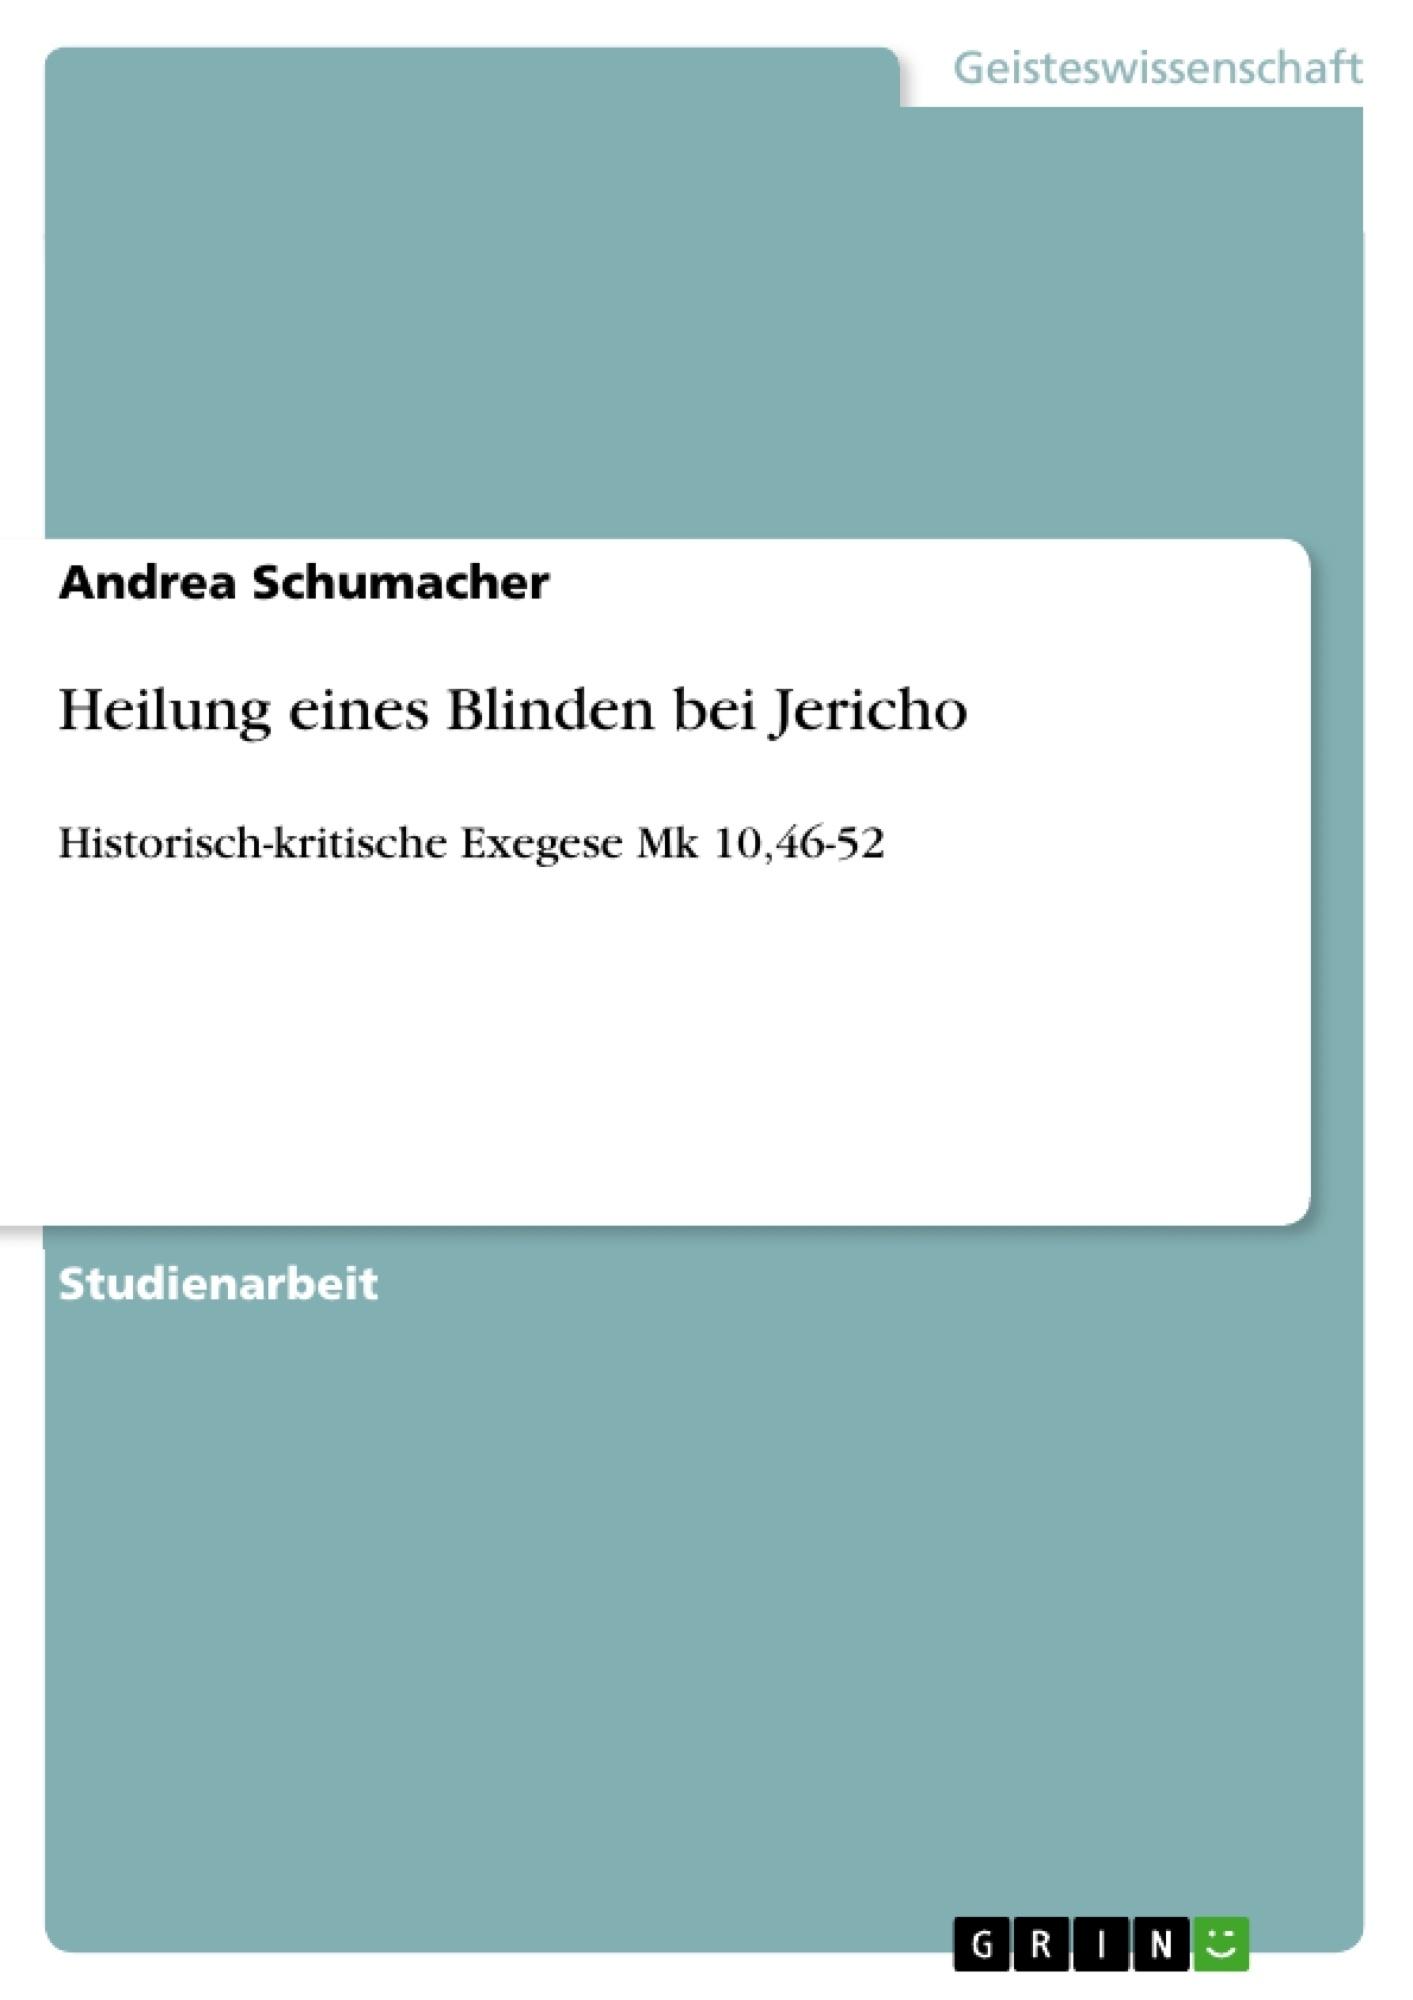 Titel: Heilung eines Blinden bei Jericho